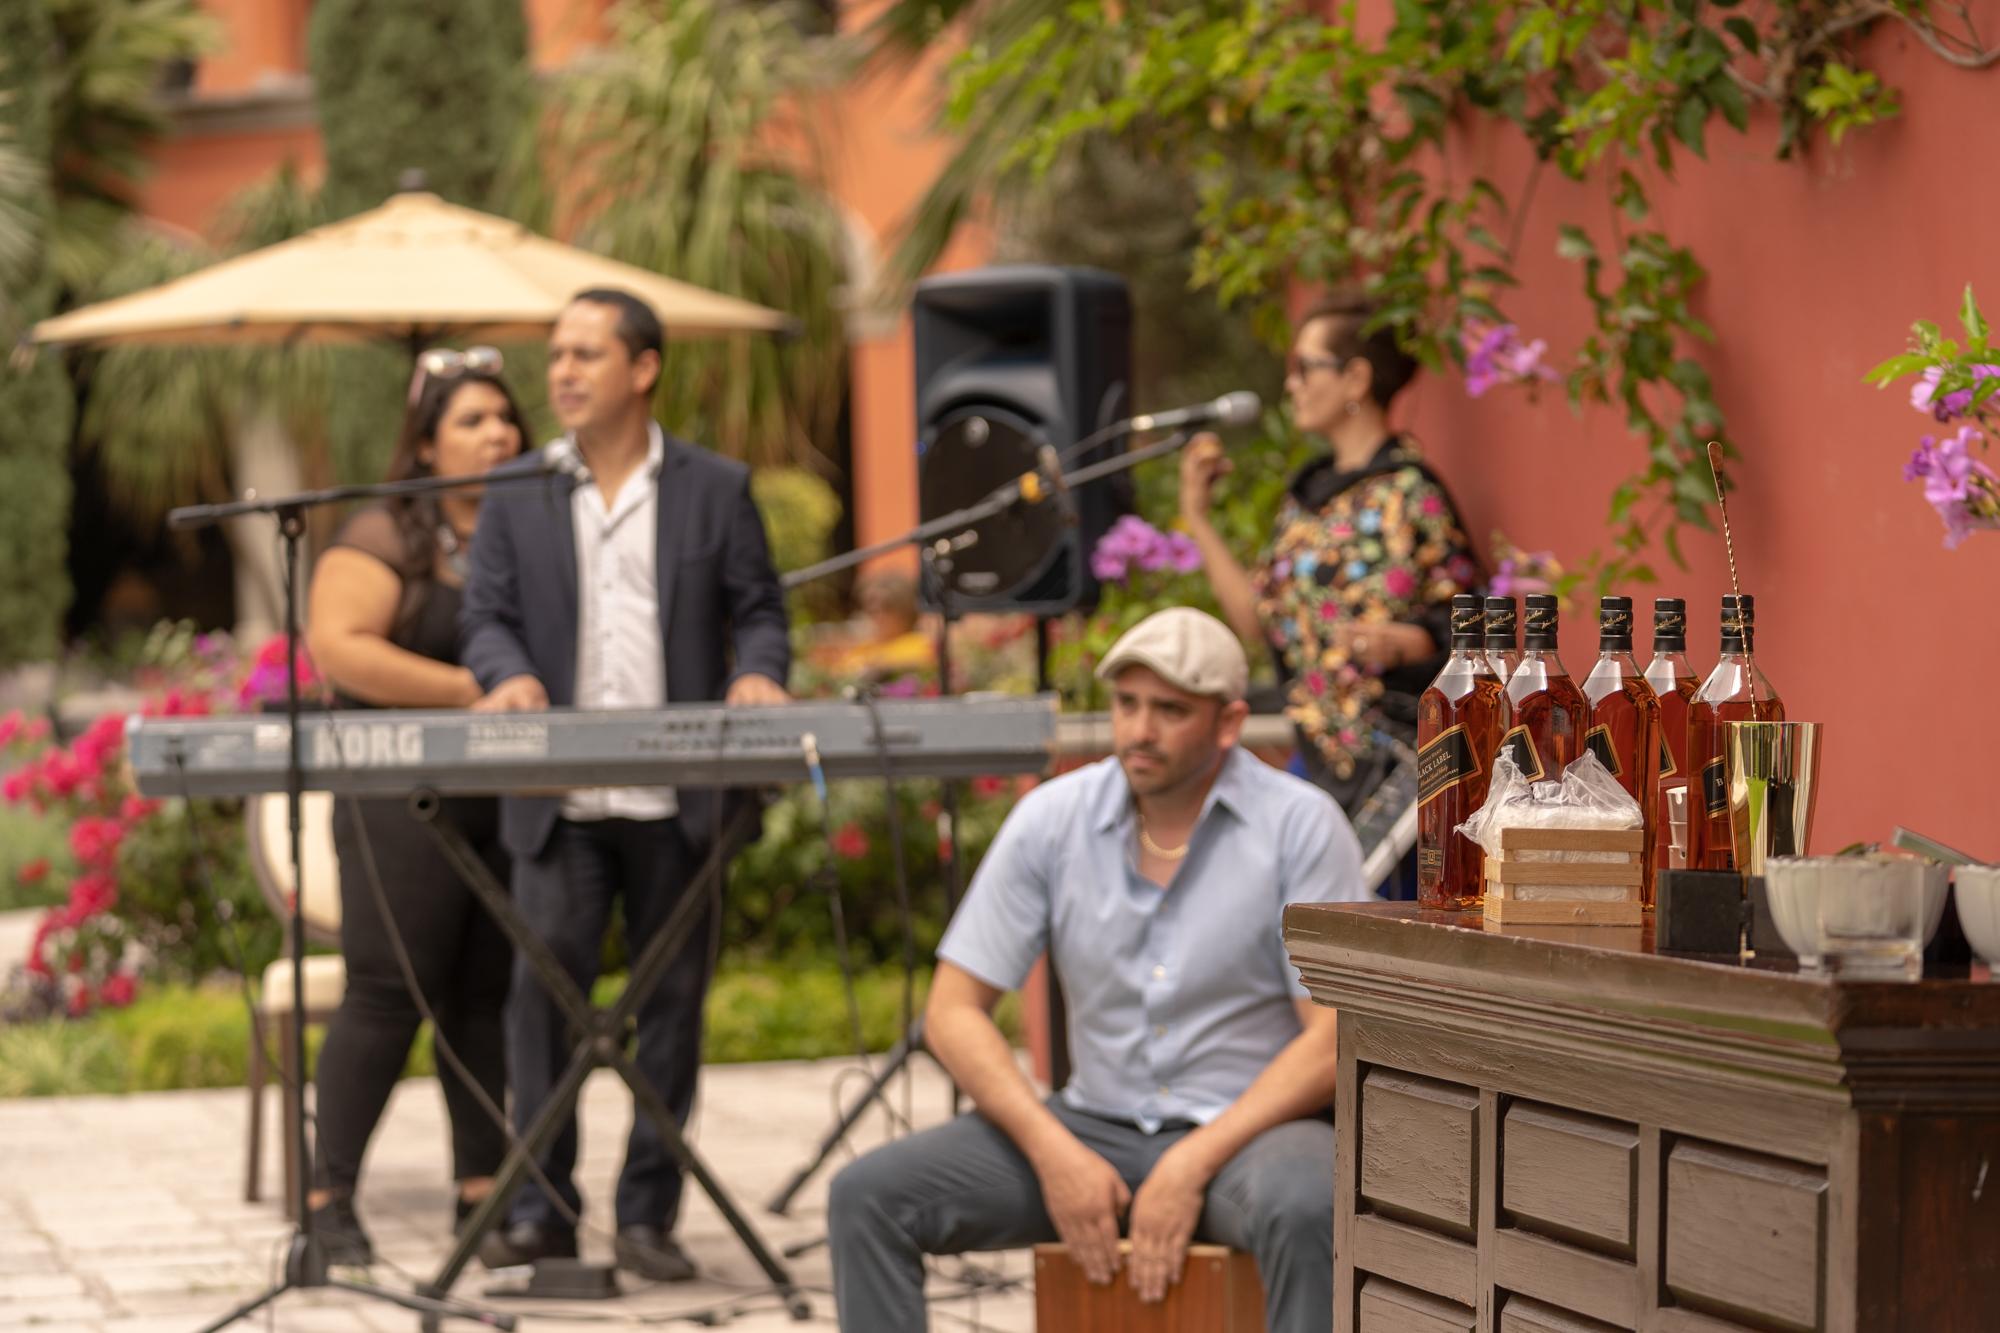 Sesion de Fotos en Rosewood San Migue de Allende del Bautizo de Alfonso-100.jpg